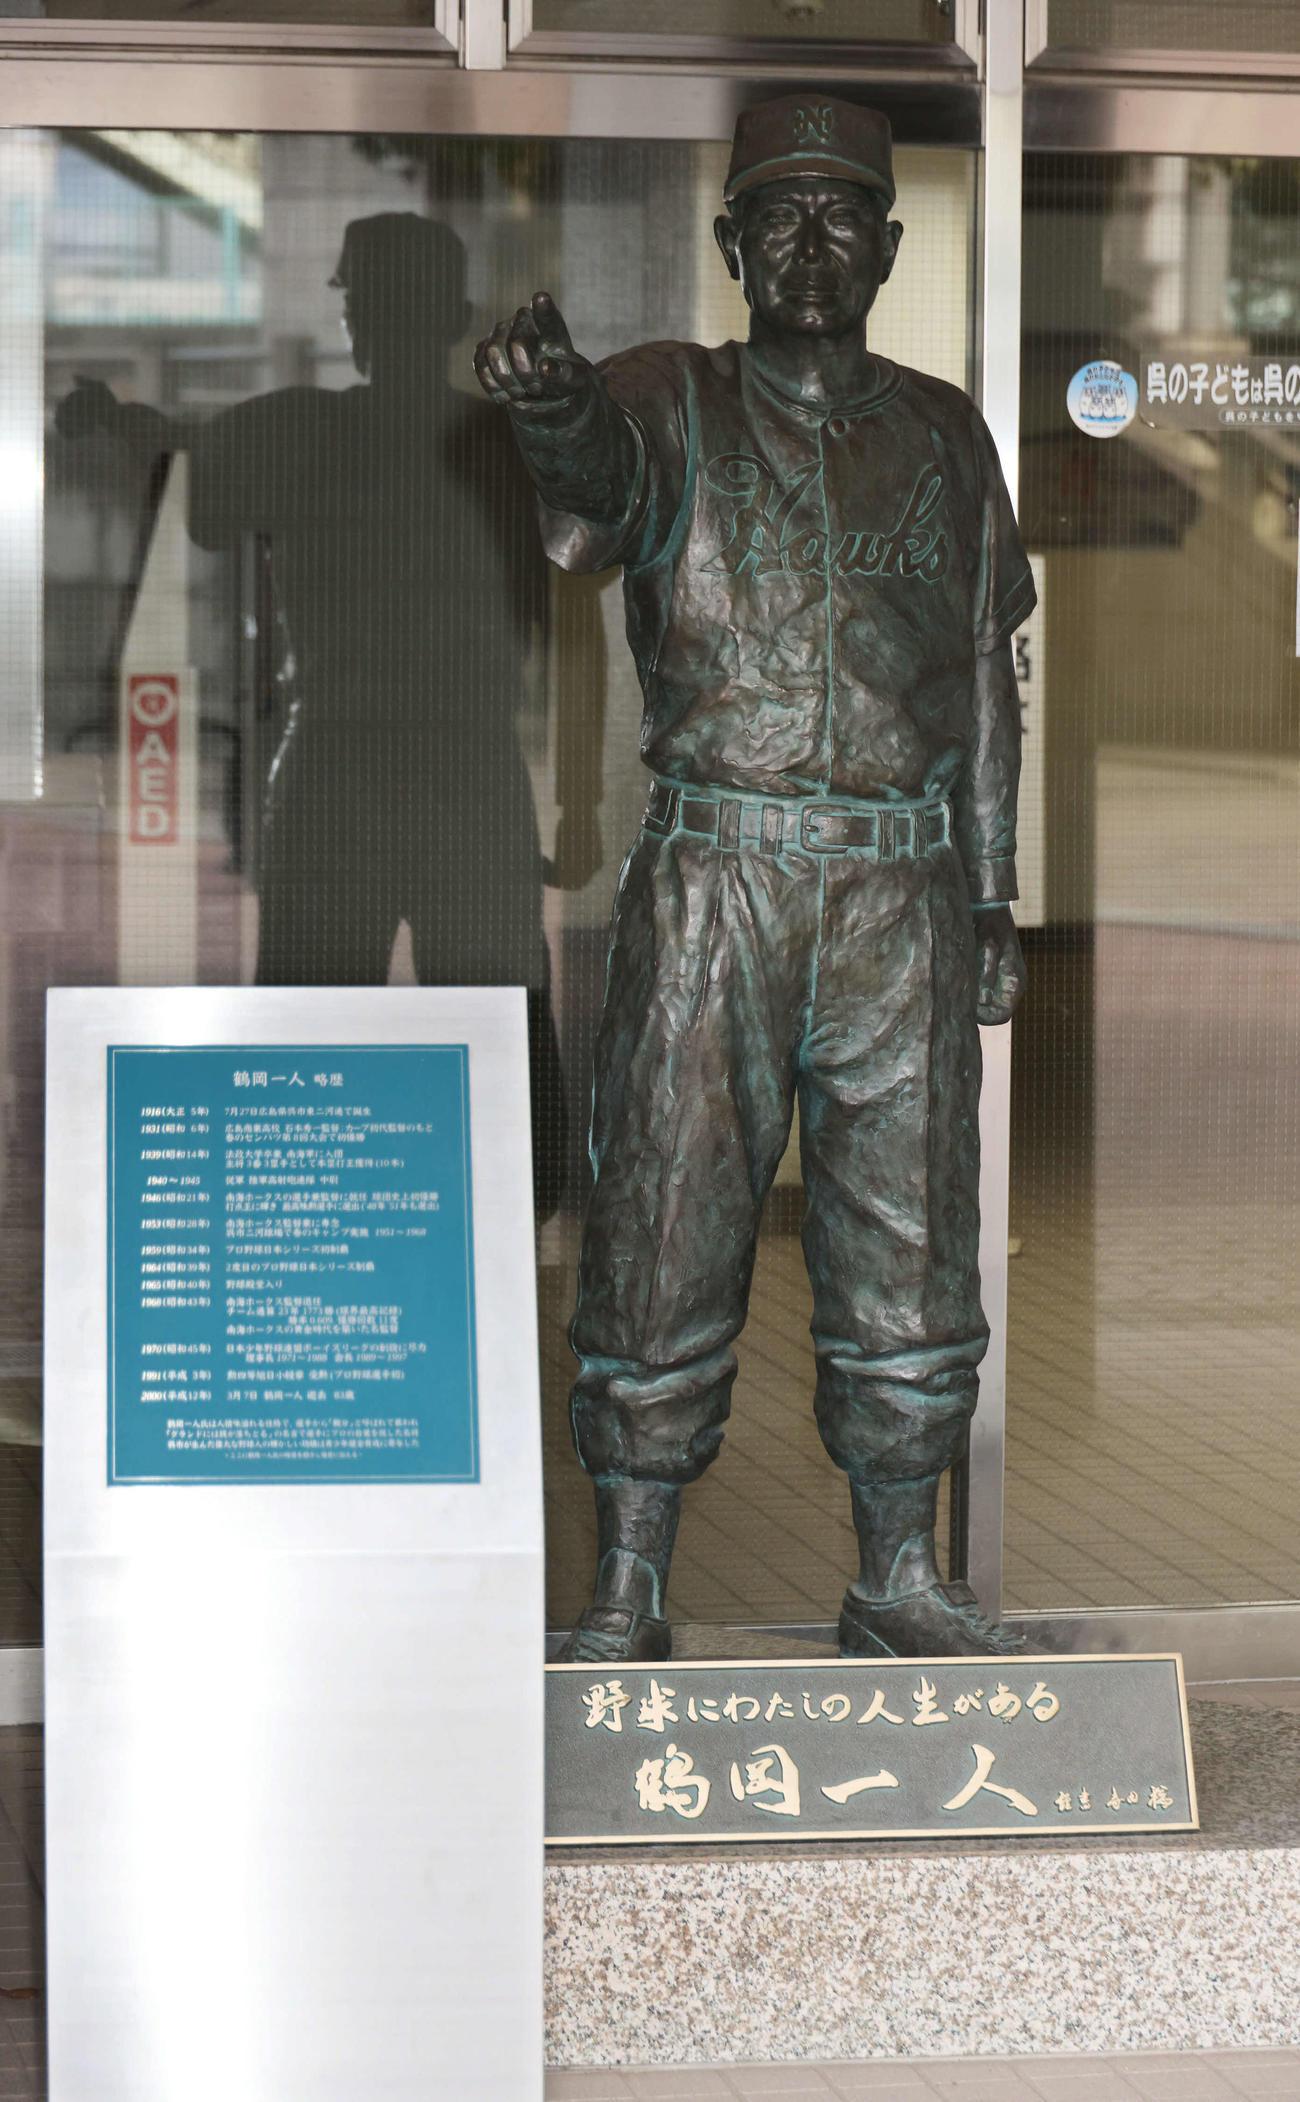 鶴岡一人記念球場の玄関前にある鶴岡一人氏の銅像(撮影・加藤孝規)